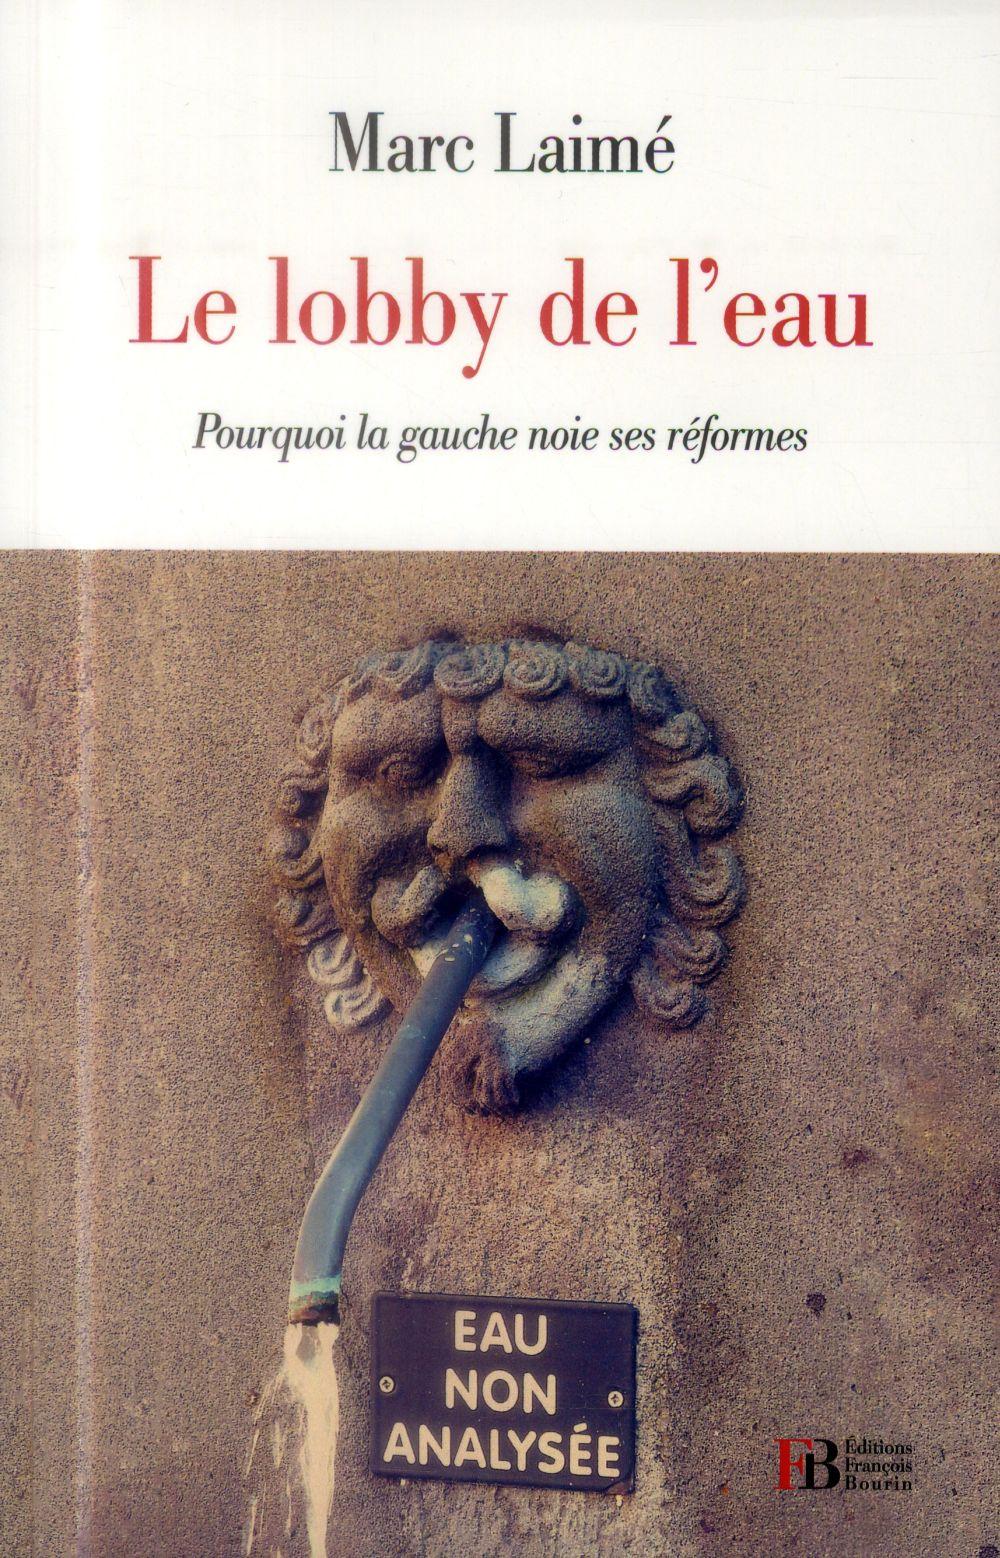 LE LOBBY DE L'EAU - POURQUOI LA GAUCHE NOIE SES REFORMES